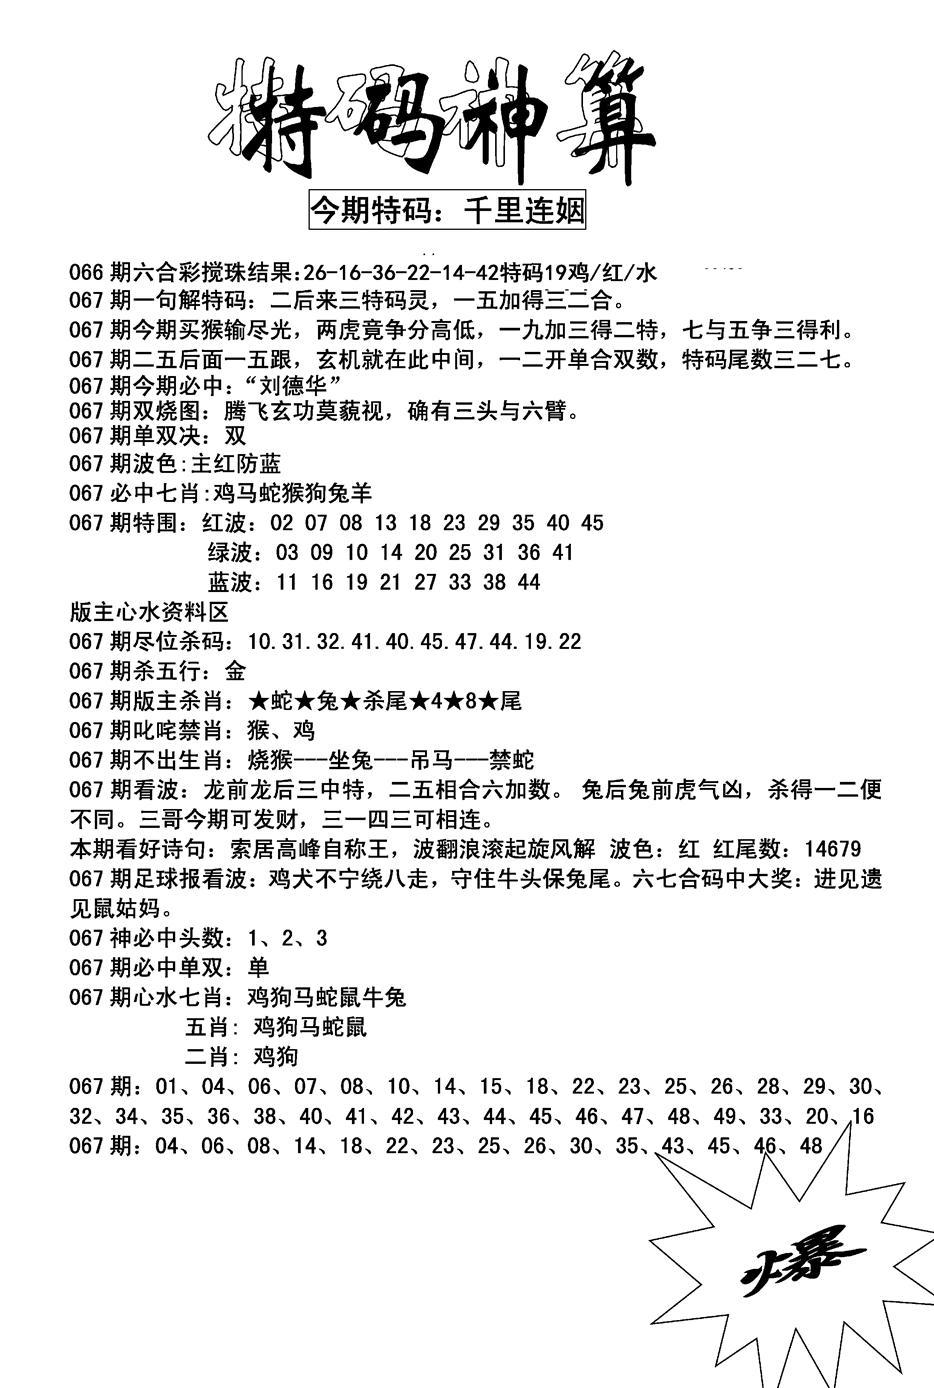 067期特码神算(黑白)